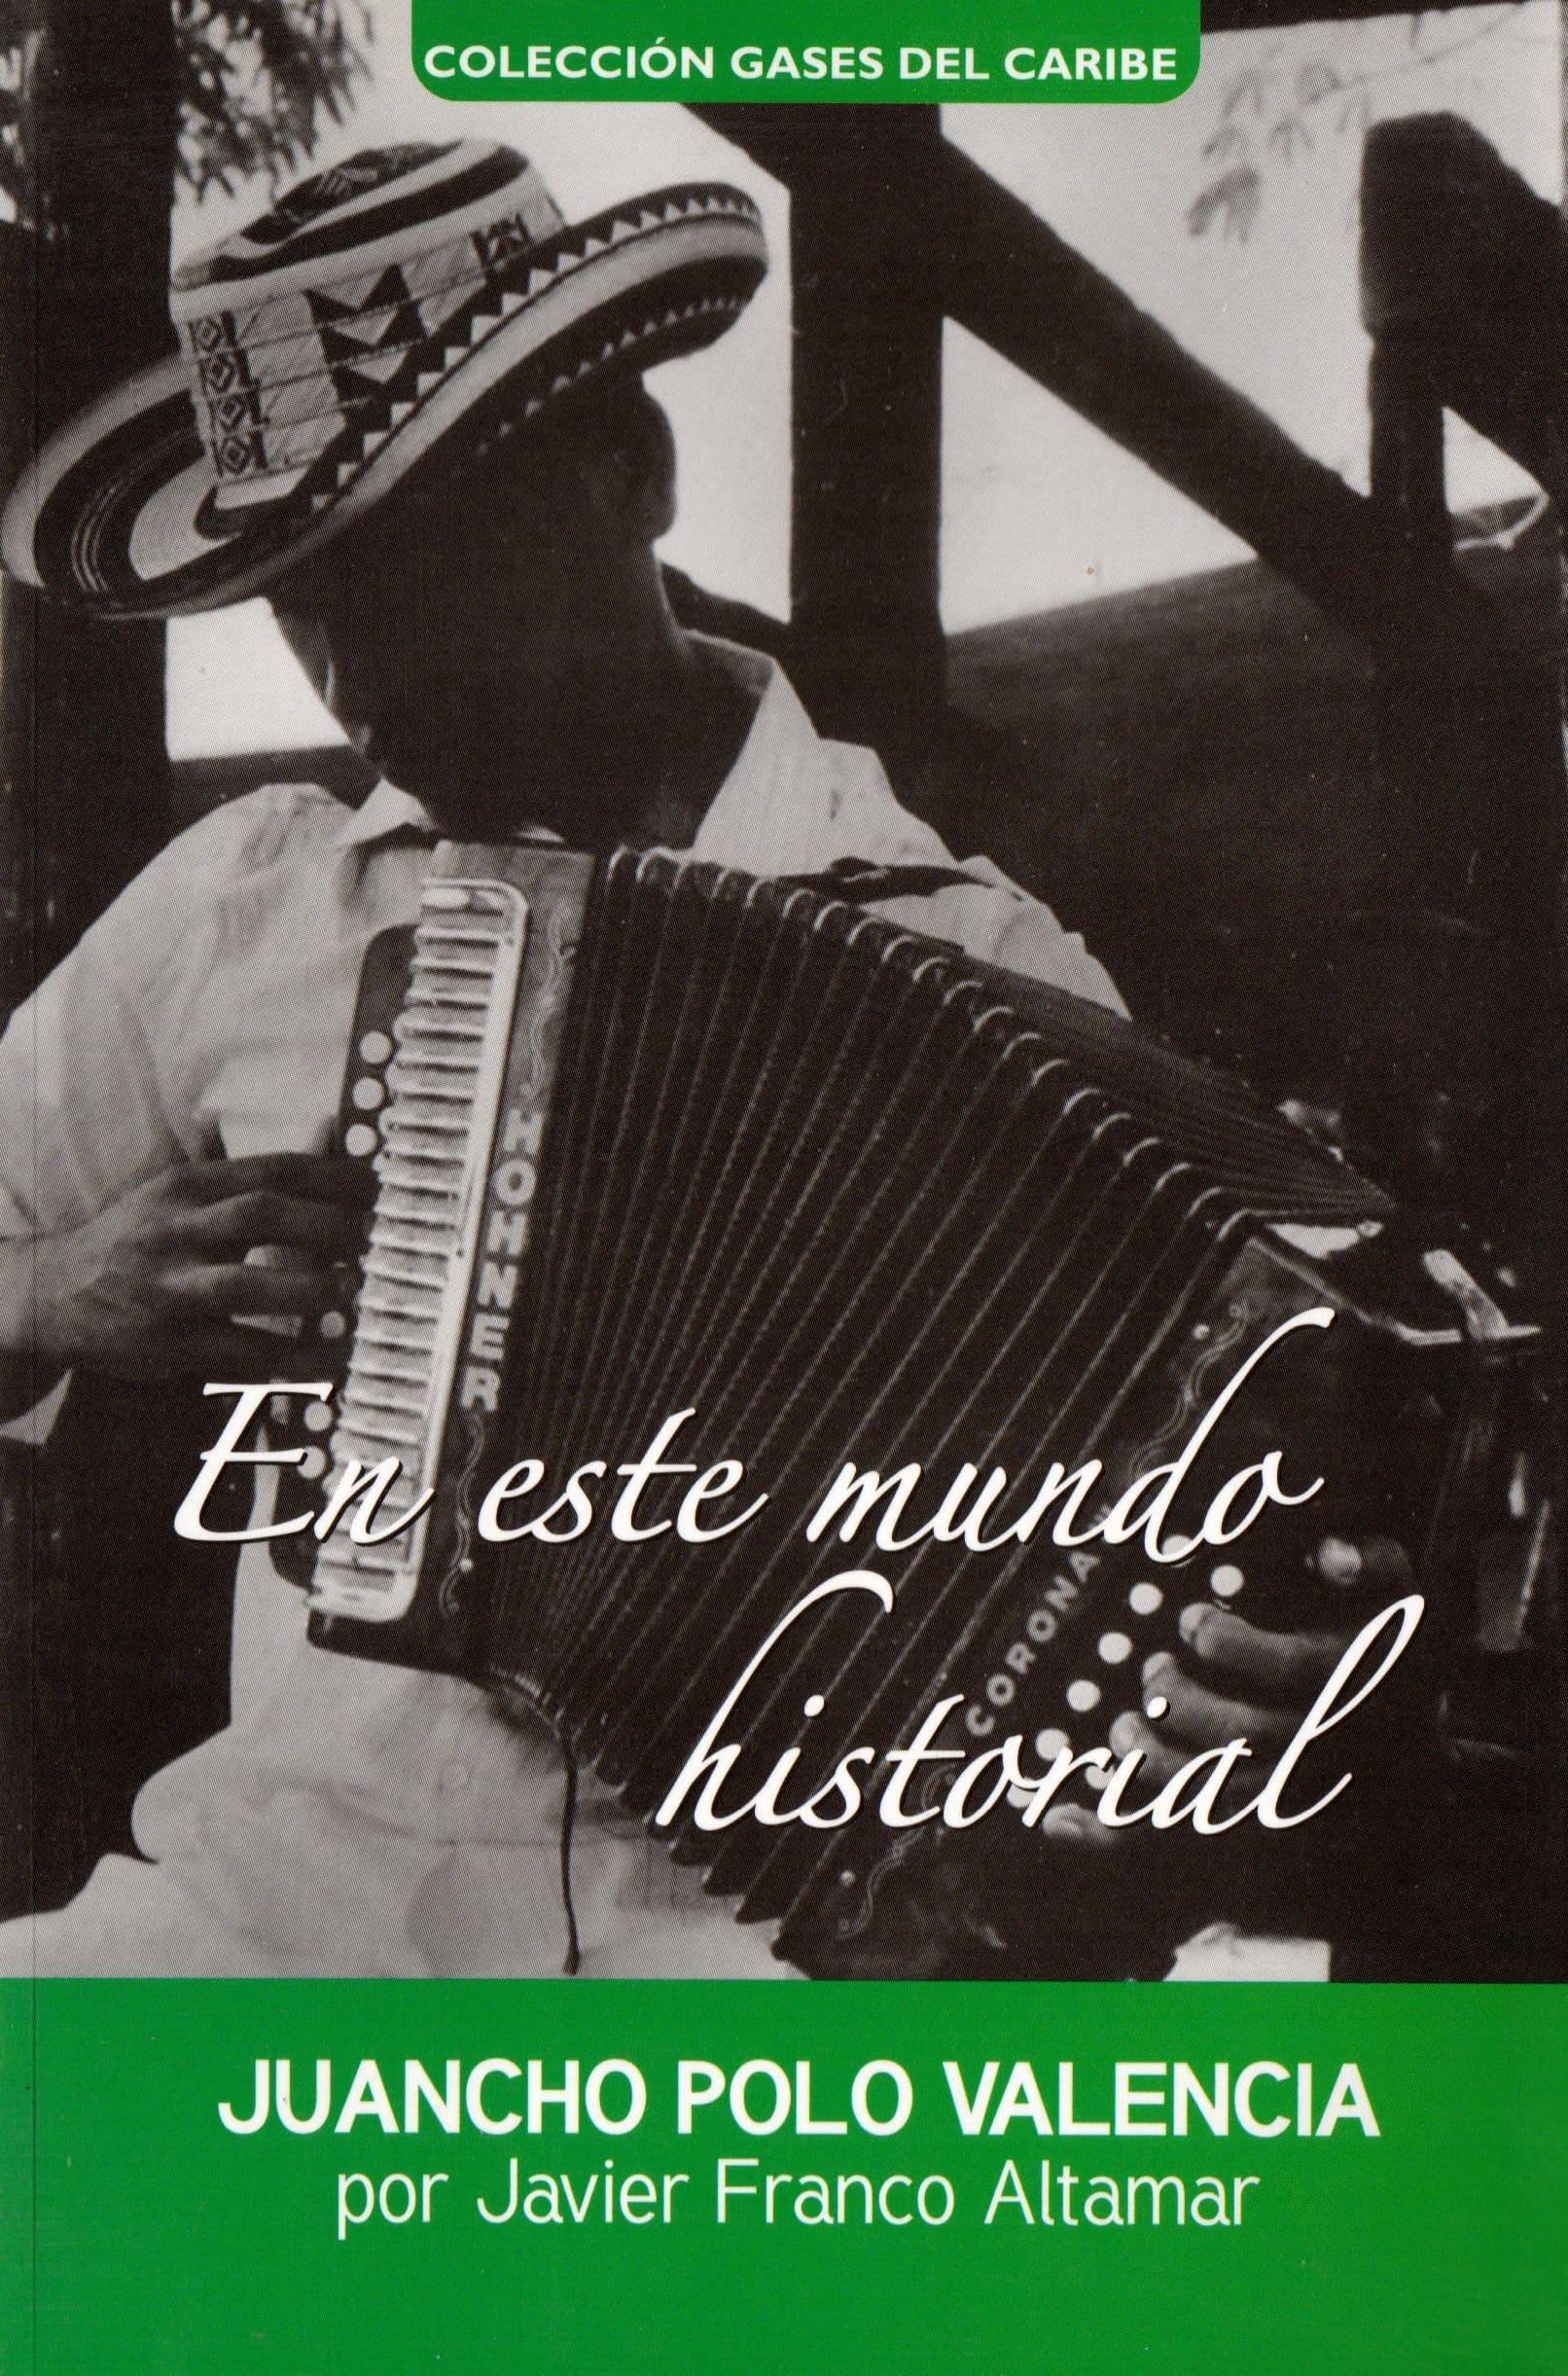 RAFAEL ESCALONA: ENCANTOS DE UNA VIDA EN CANTOS - JUANCHO POLO VALENCIA: EN ESTE MUNDO HISTORIAL.